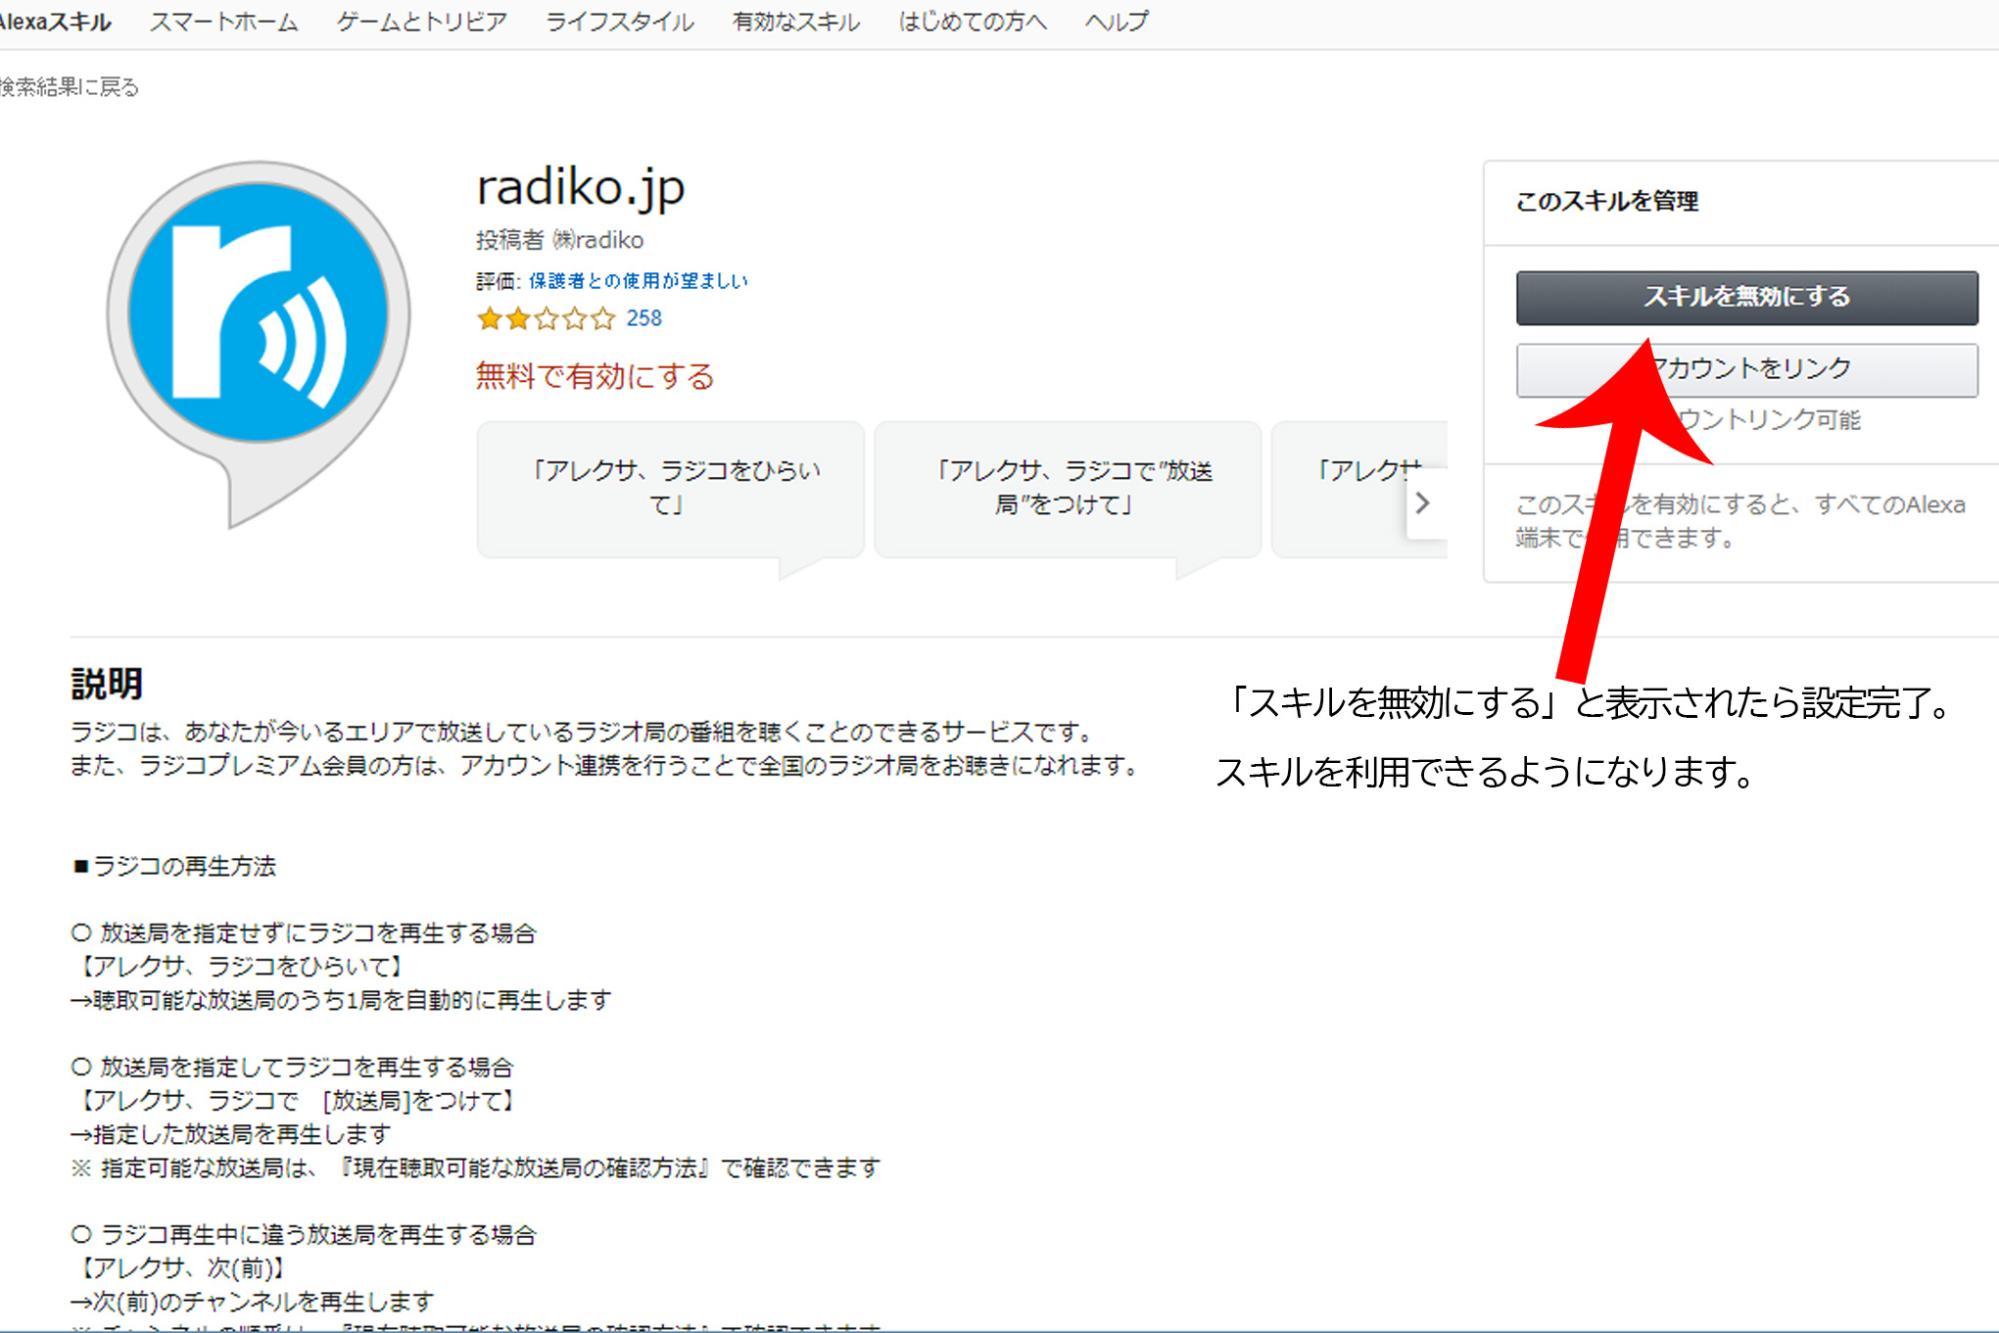 Amazon公式サイト「スキルストア」から設定する